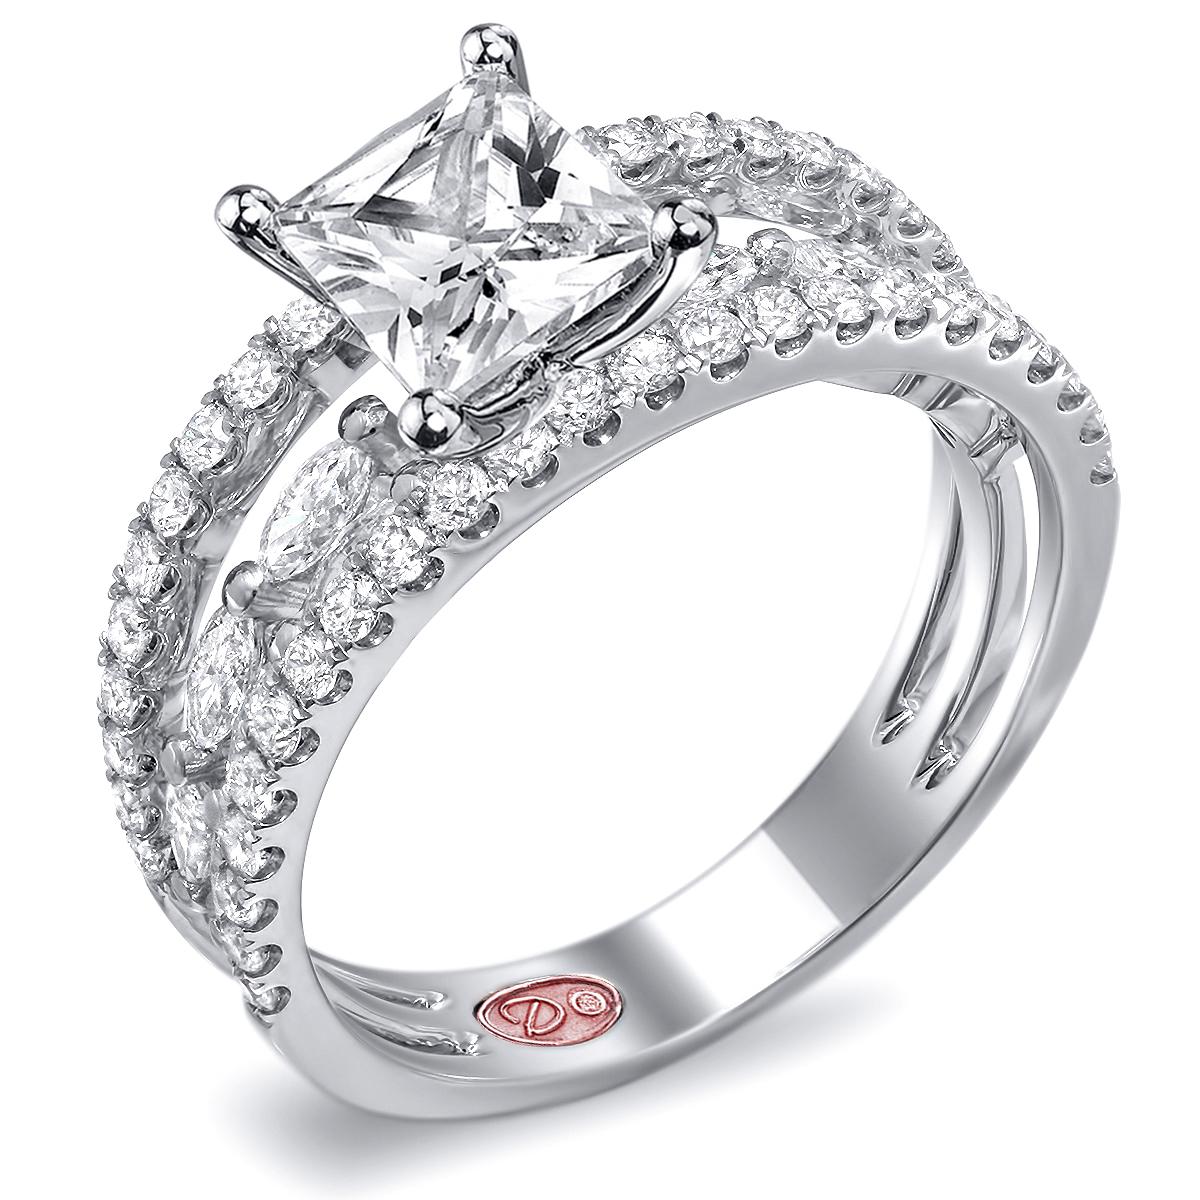 princess cut engagement rings princess cut wedding rings Princess Cut Engagement Rings